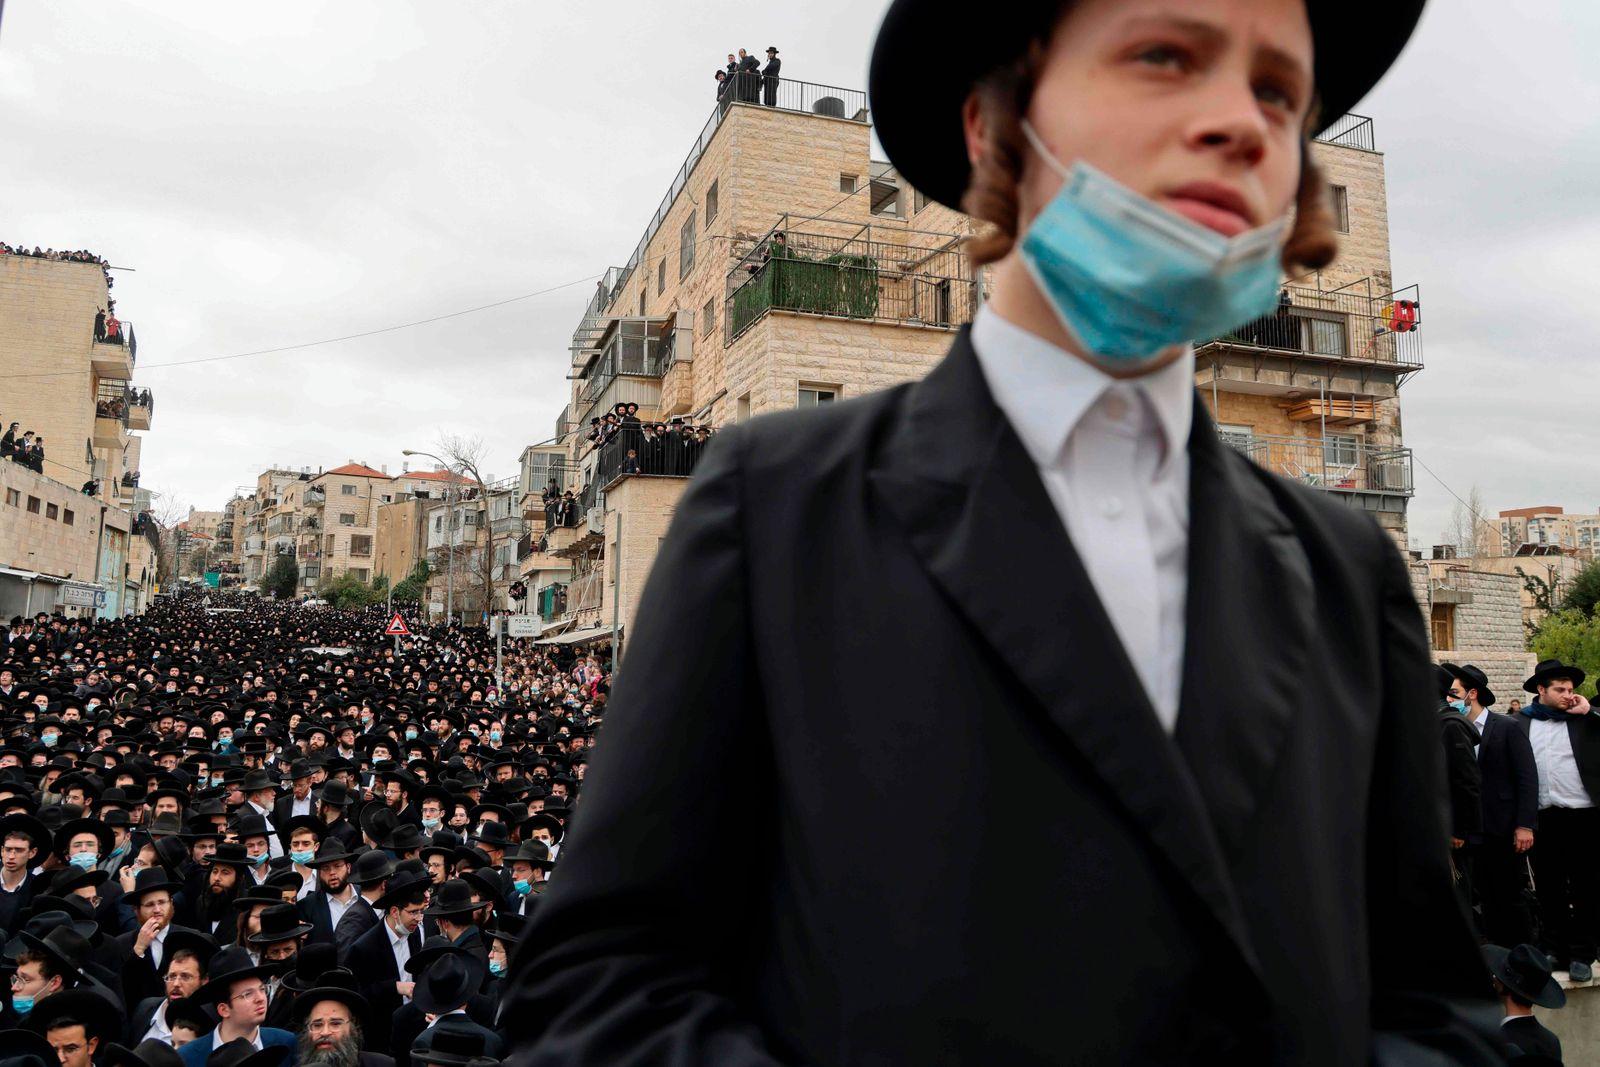 ISRAEL-HEALTH-VIRUS-RABBI-DEATH